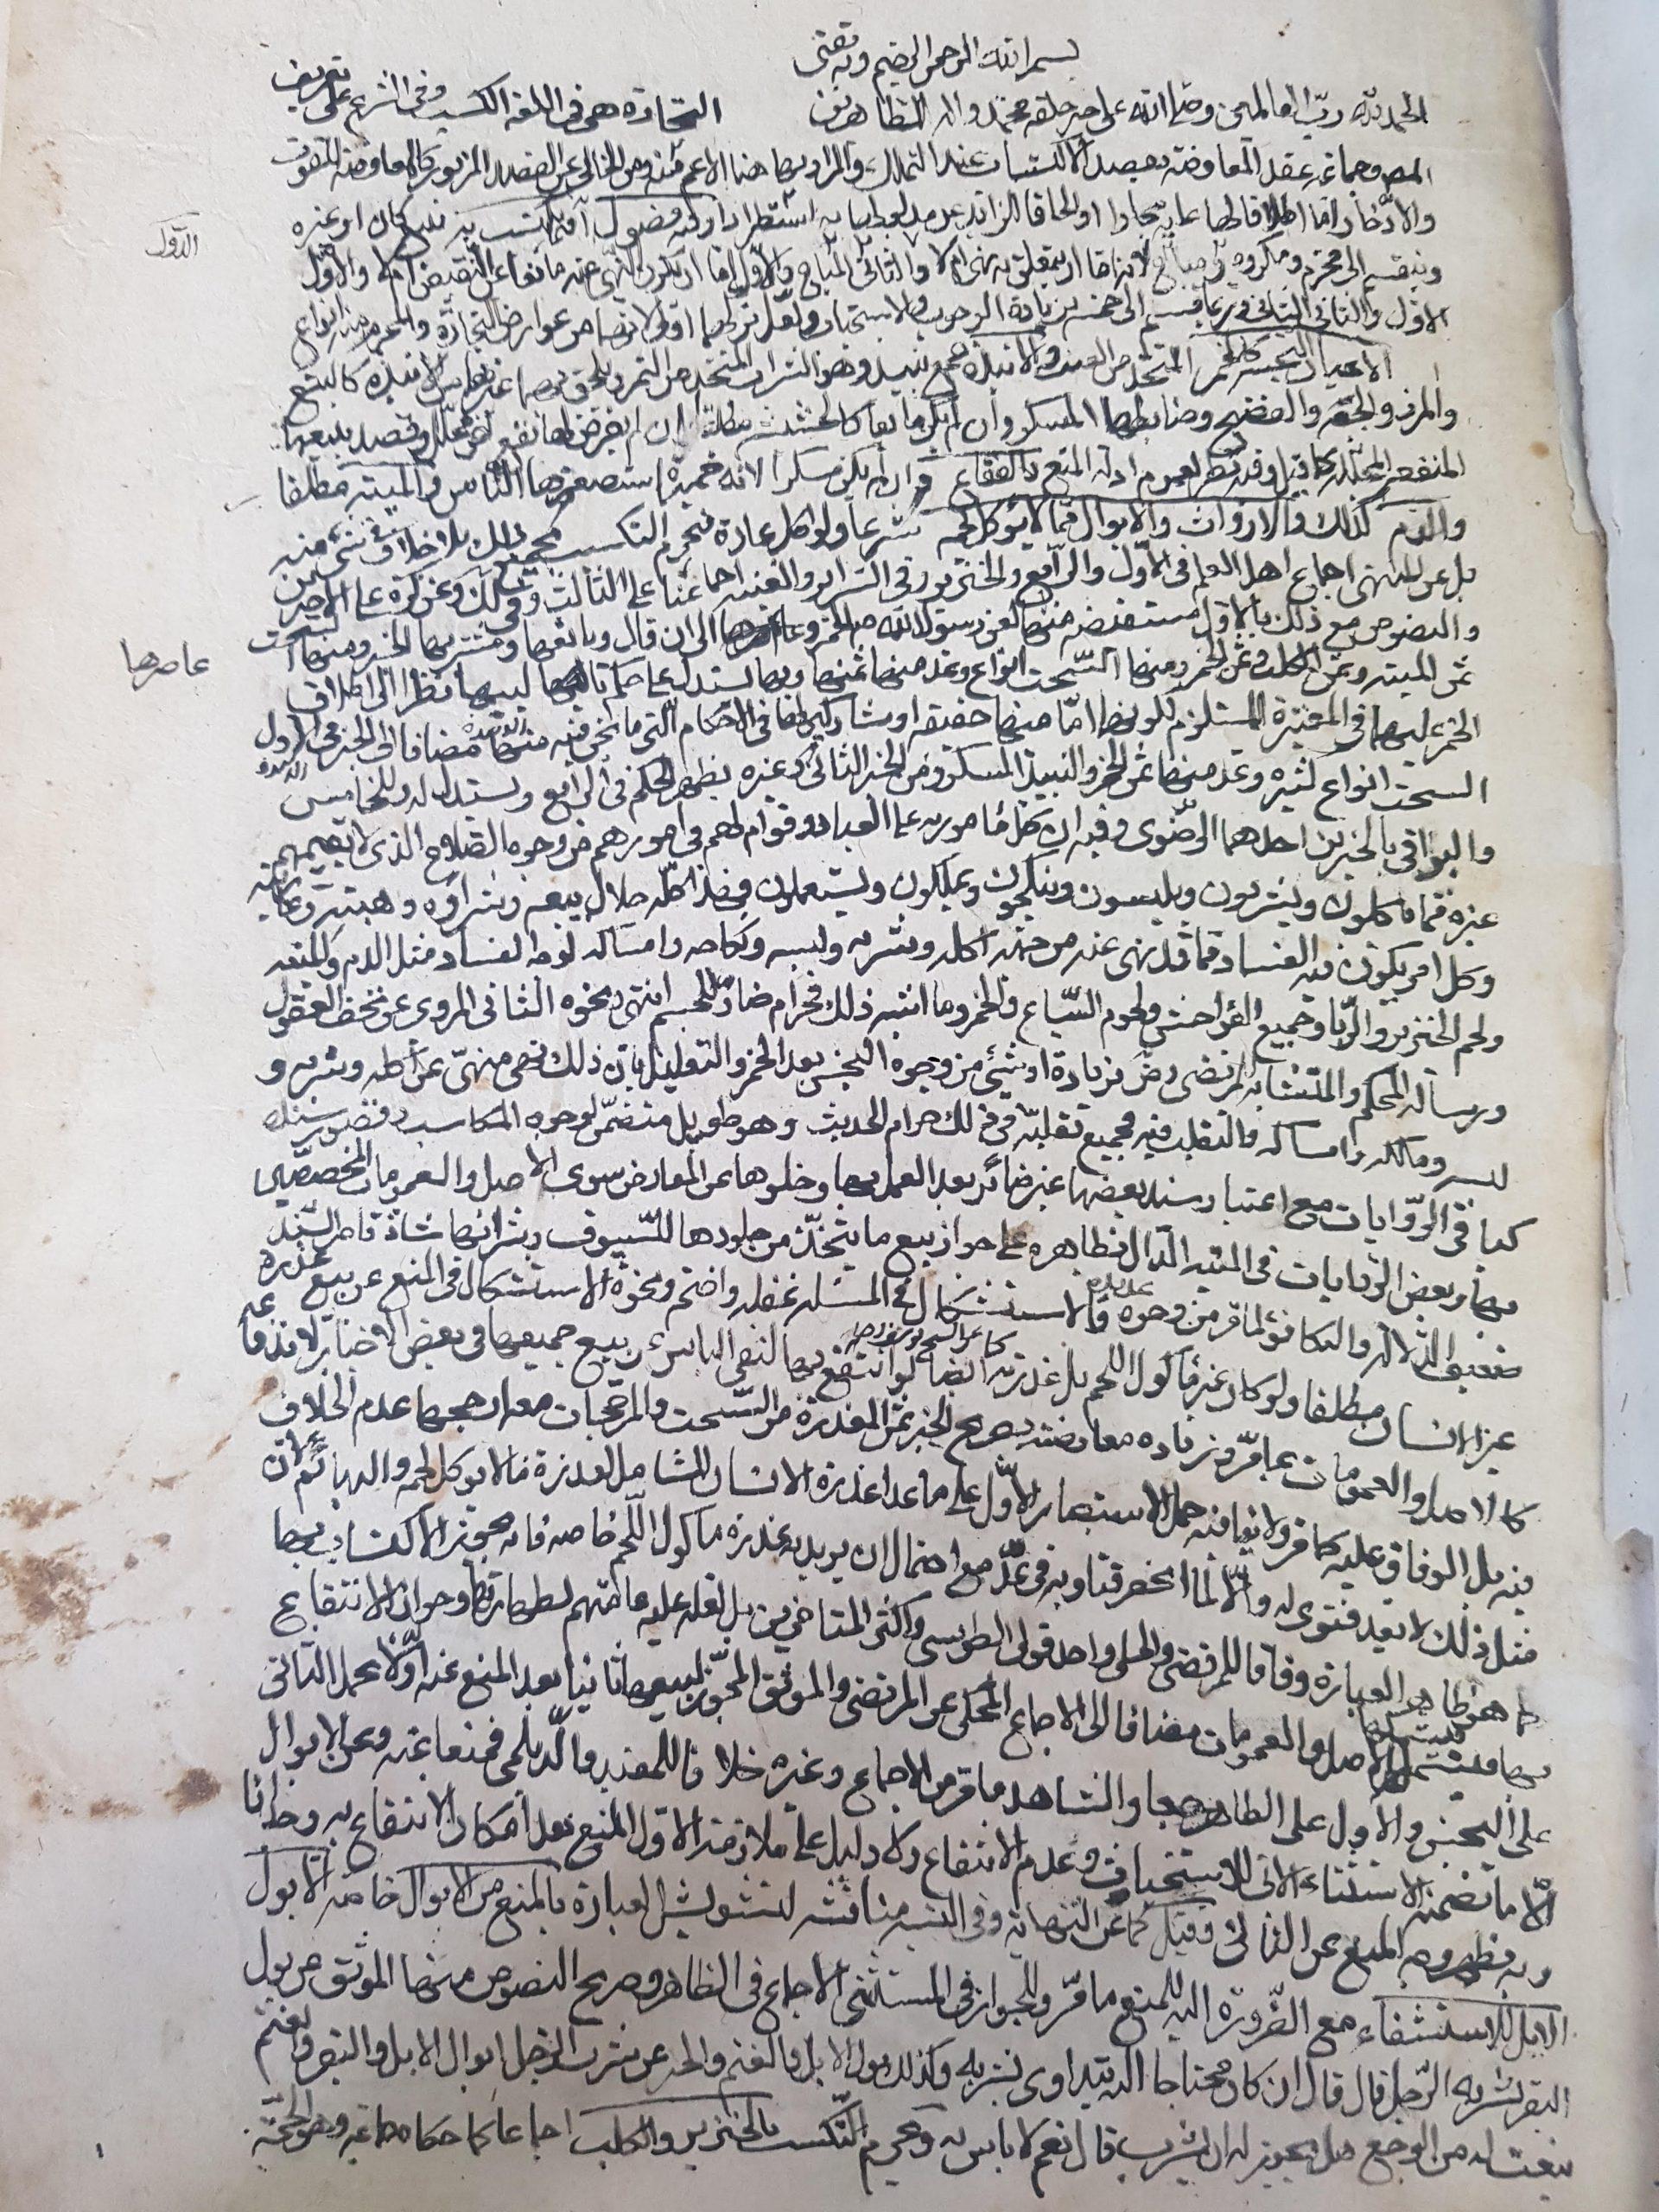 المخطوطة رقم 1